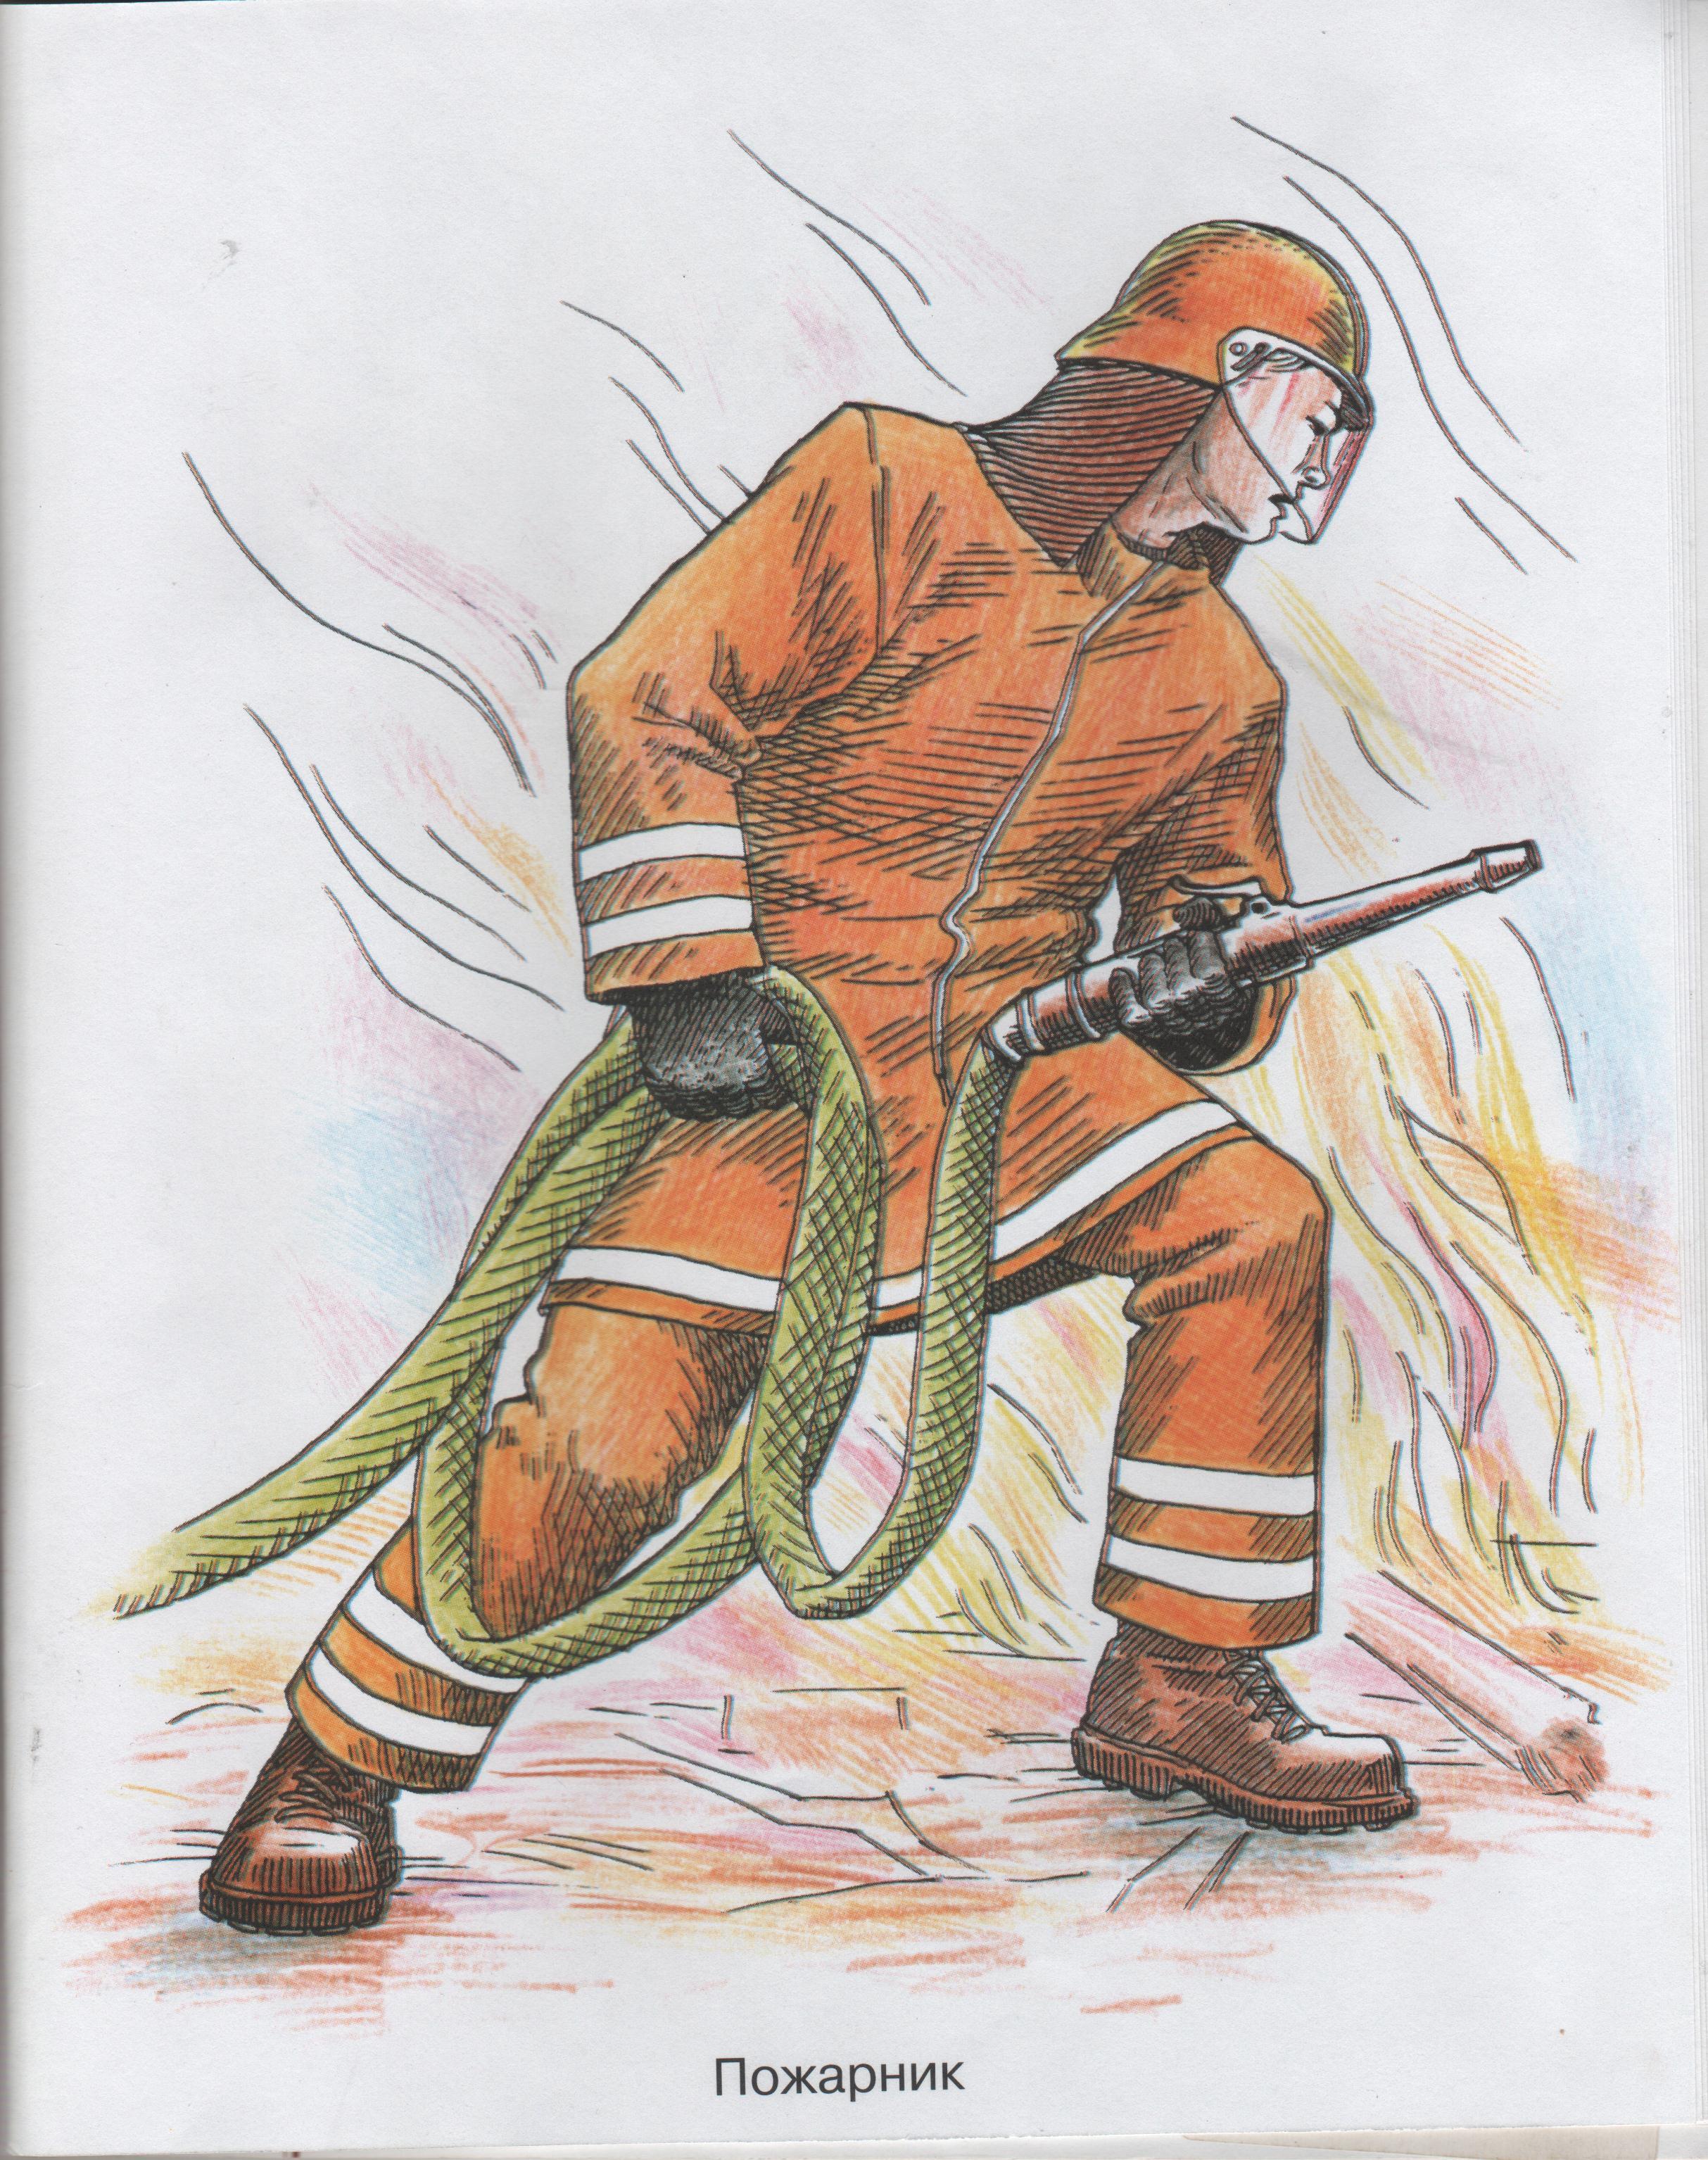 Спасатель и пожарный профессии героические картинки